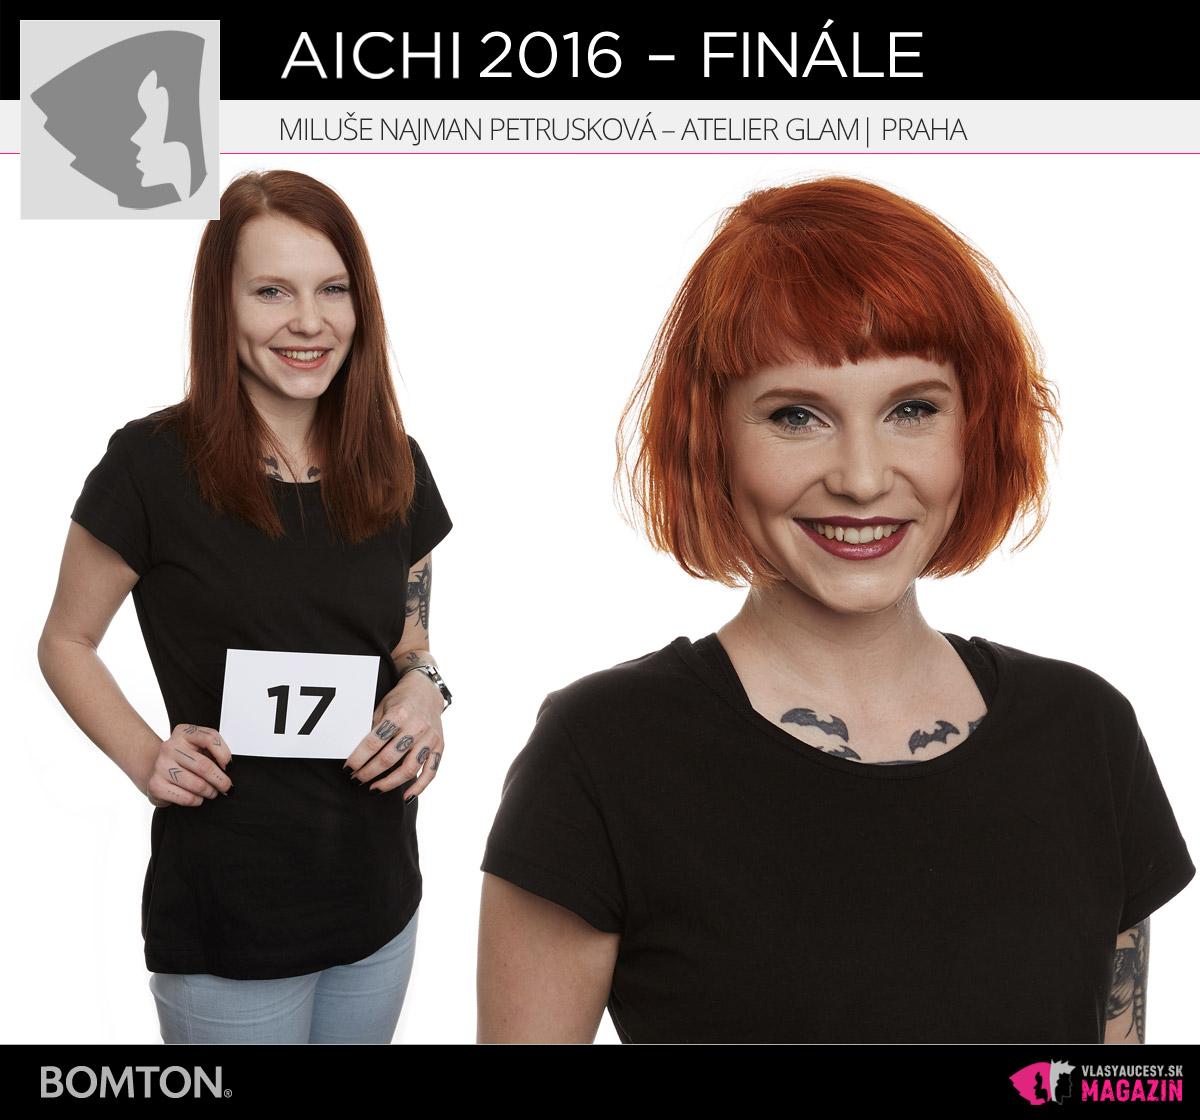 Miluše Najman Petrušková – Atelier Glam, Praha | Premeny AICHI 2016 – postupujúci do finálového kola